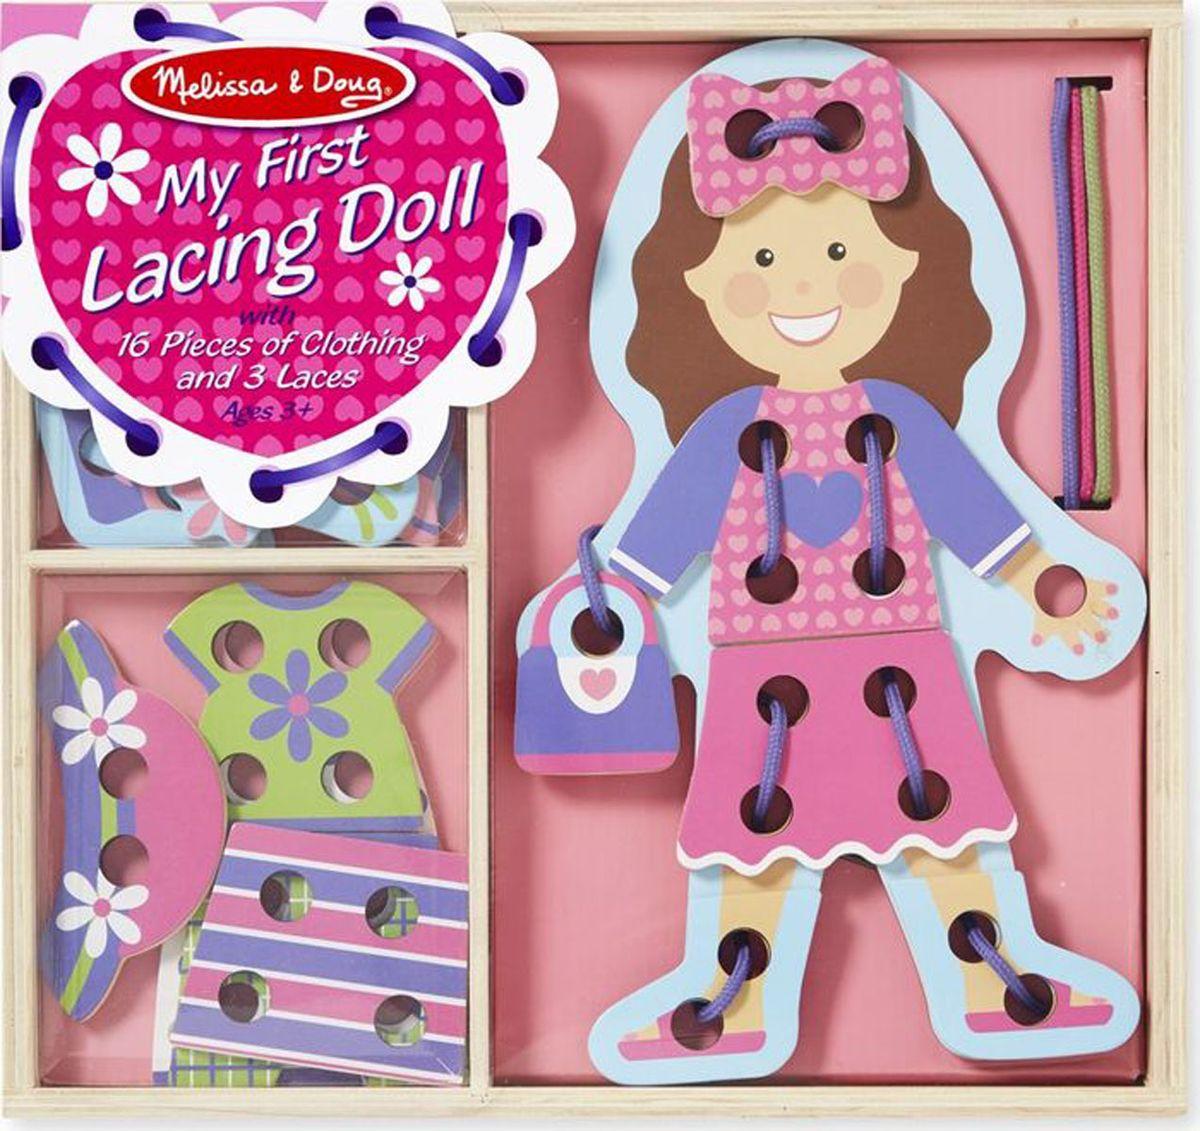 Melissa & Doug Игра-шнуровка Моя первая шнуровка, кукла, Обучение и развитие  - купить со скидкой